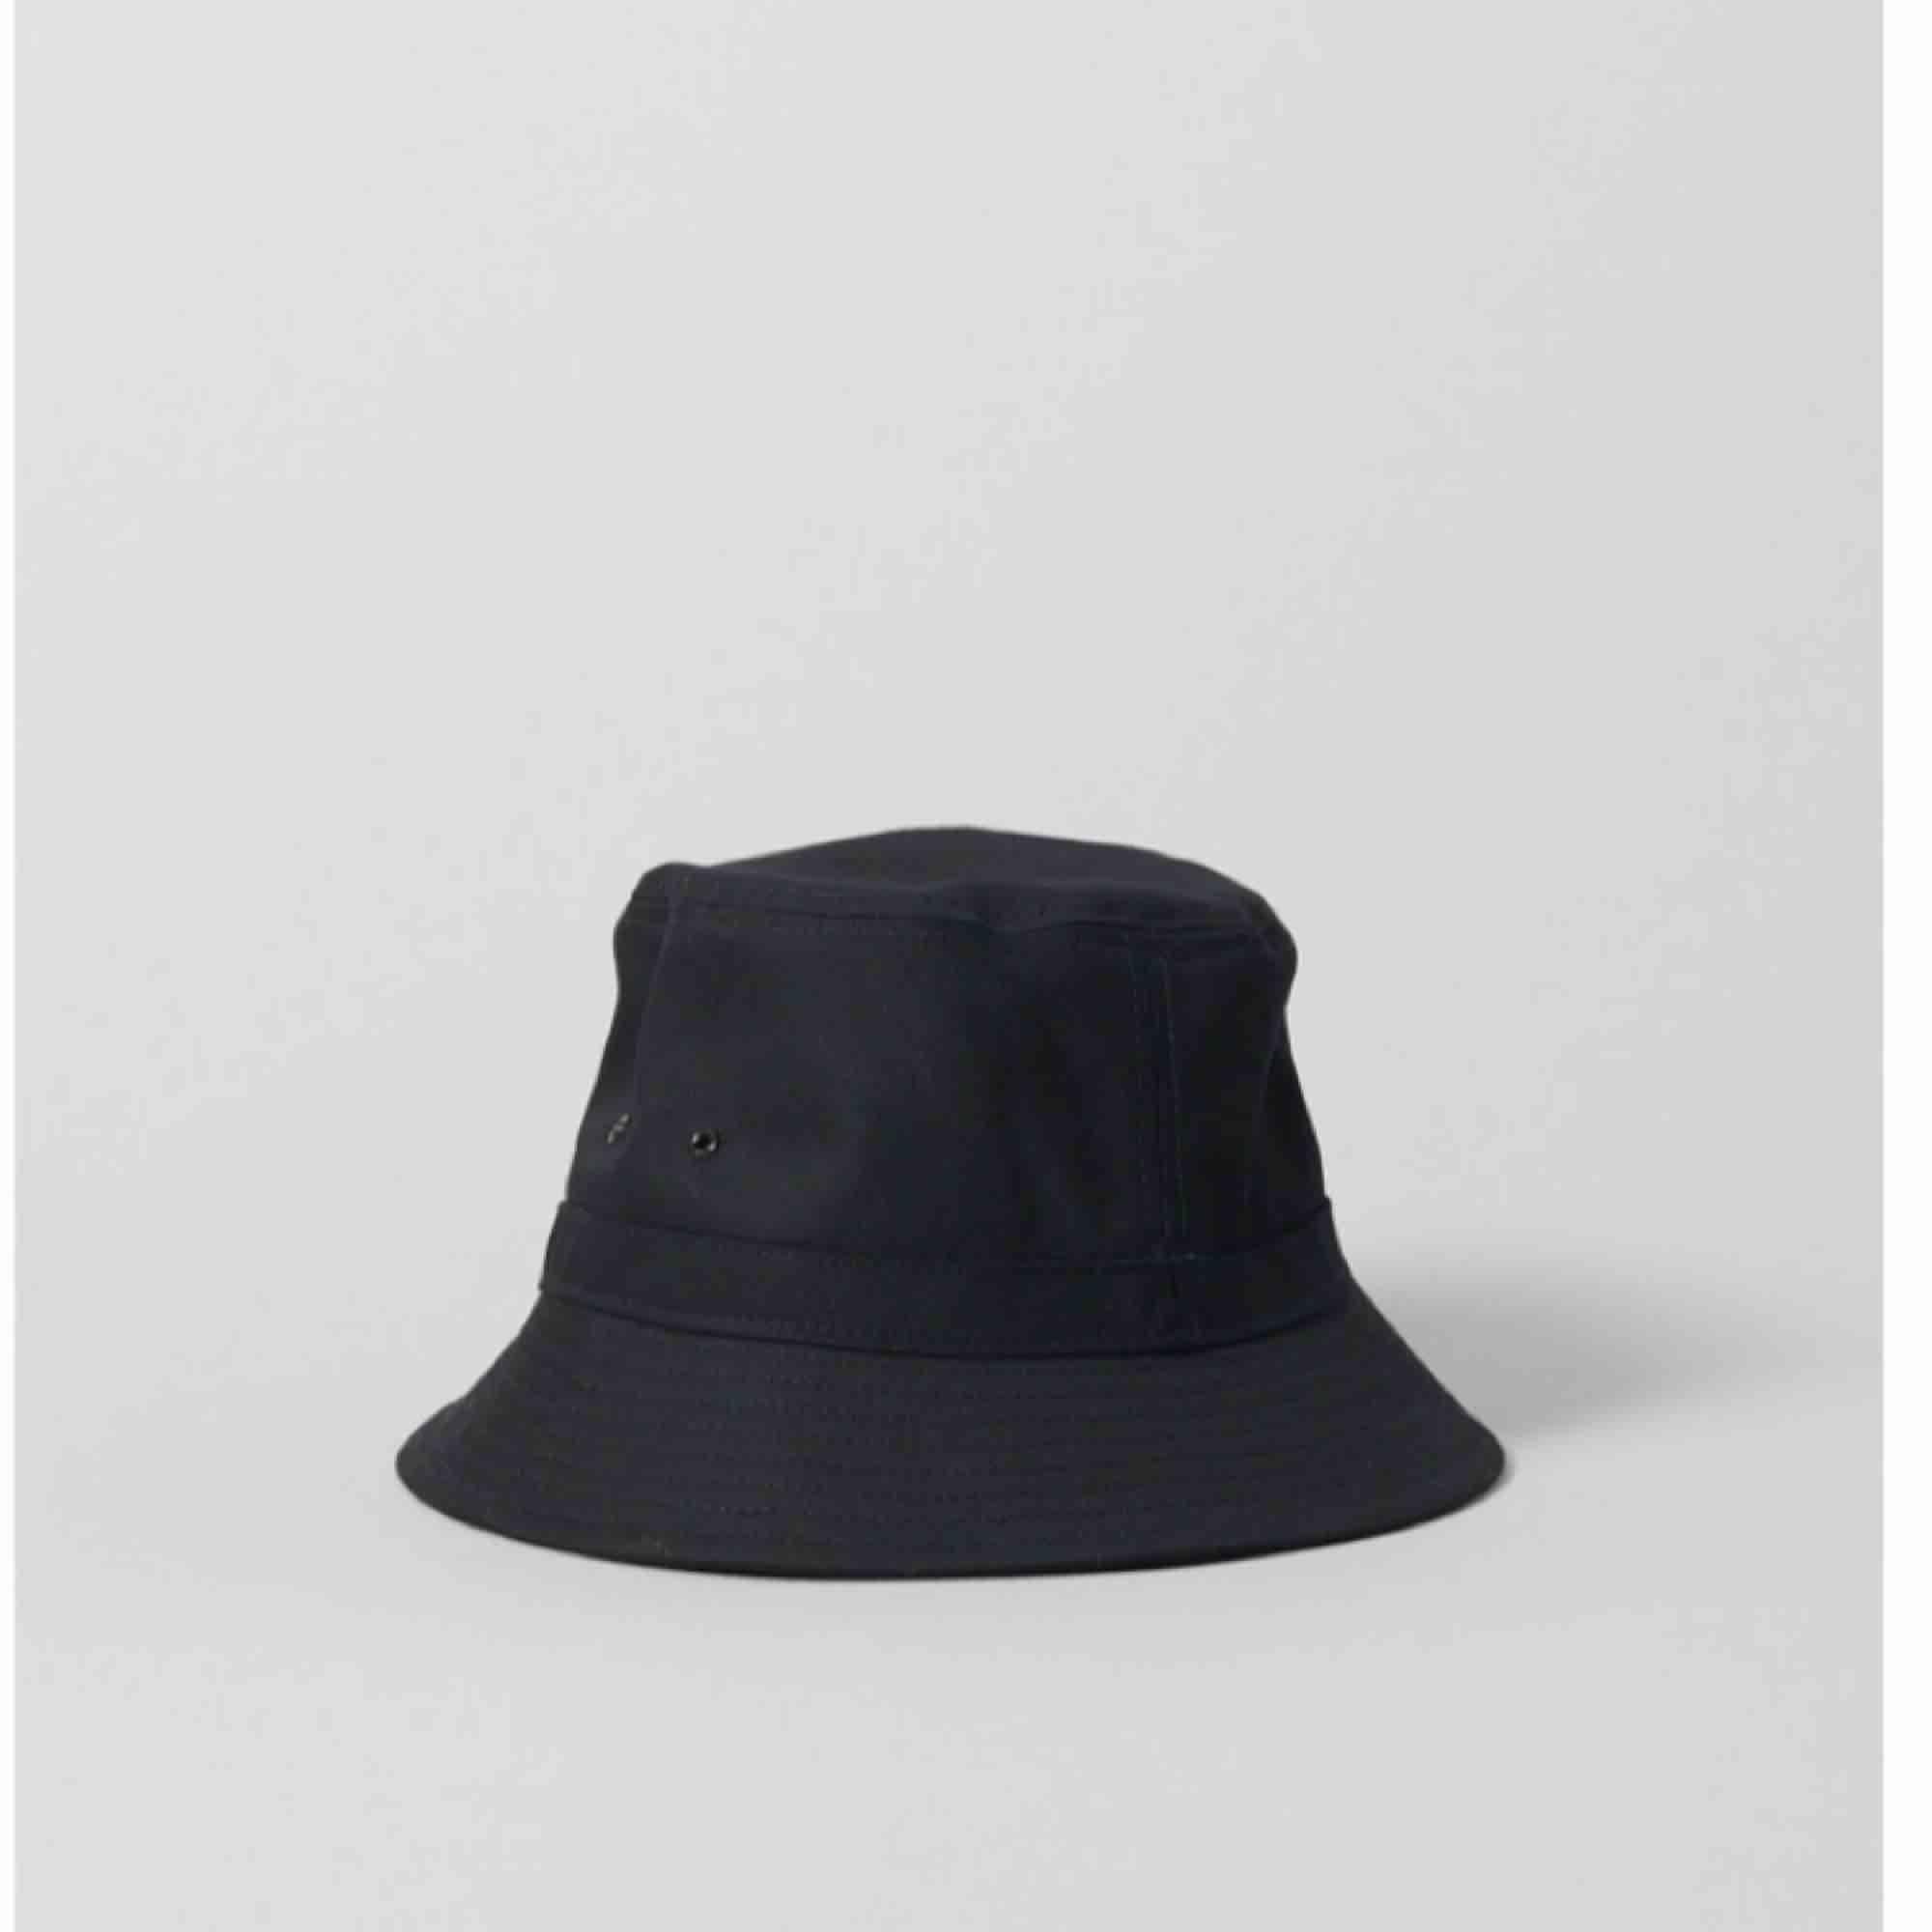 Helt oanvänd bucket hat från weekday! Köptes för 150 kr, och säljes pga ångrade mig men tog inte kvitto. 💕 (skriv för fler bilder). Övrigt.